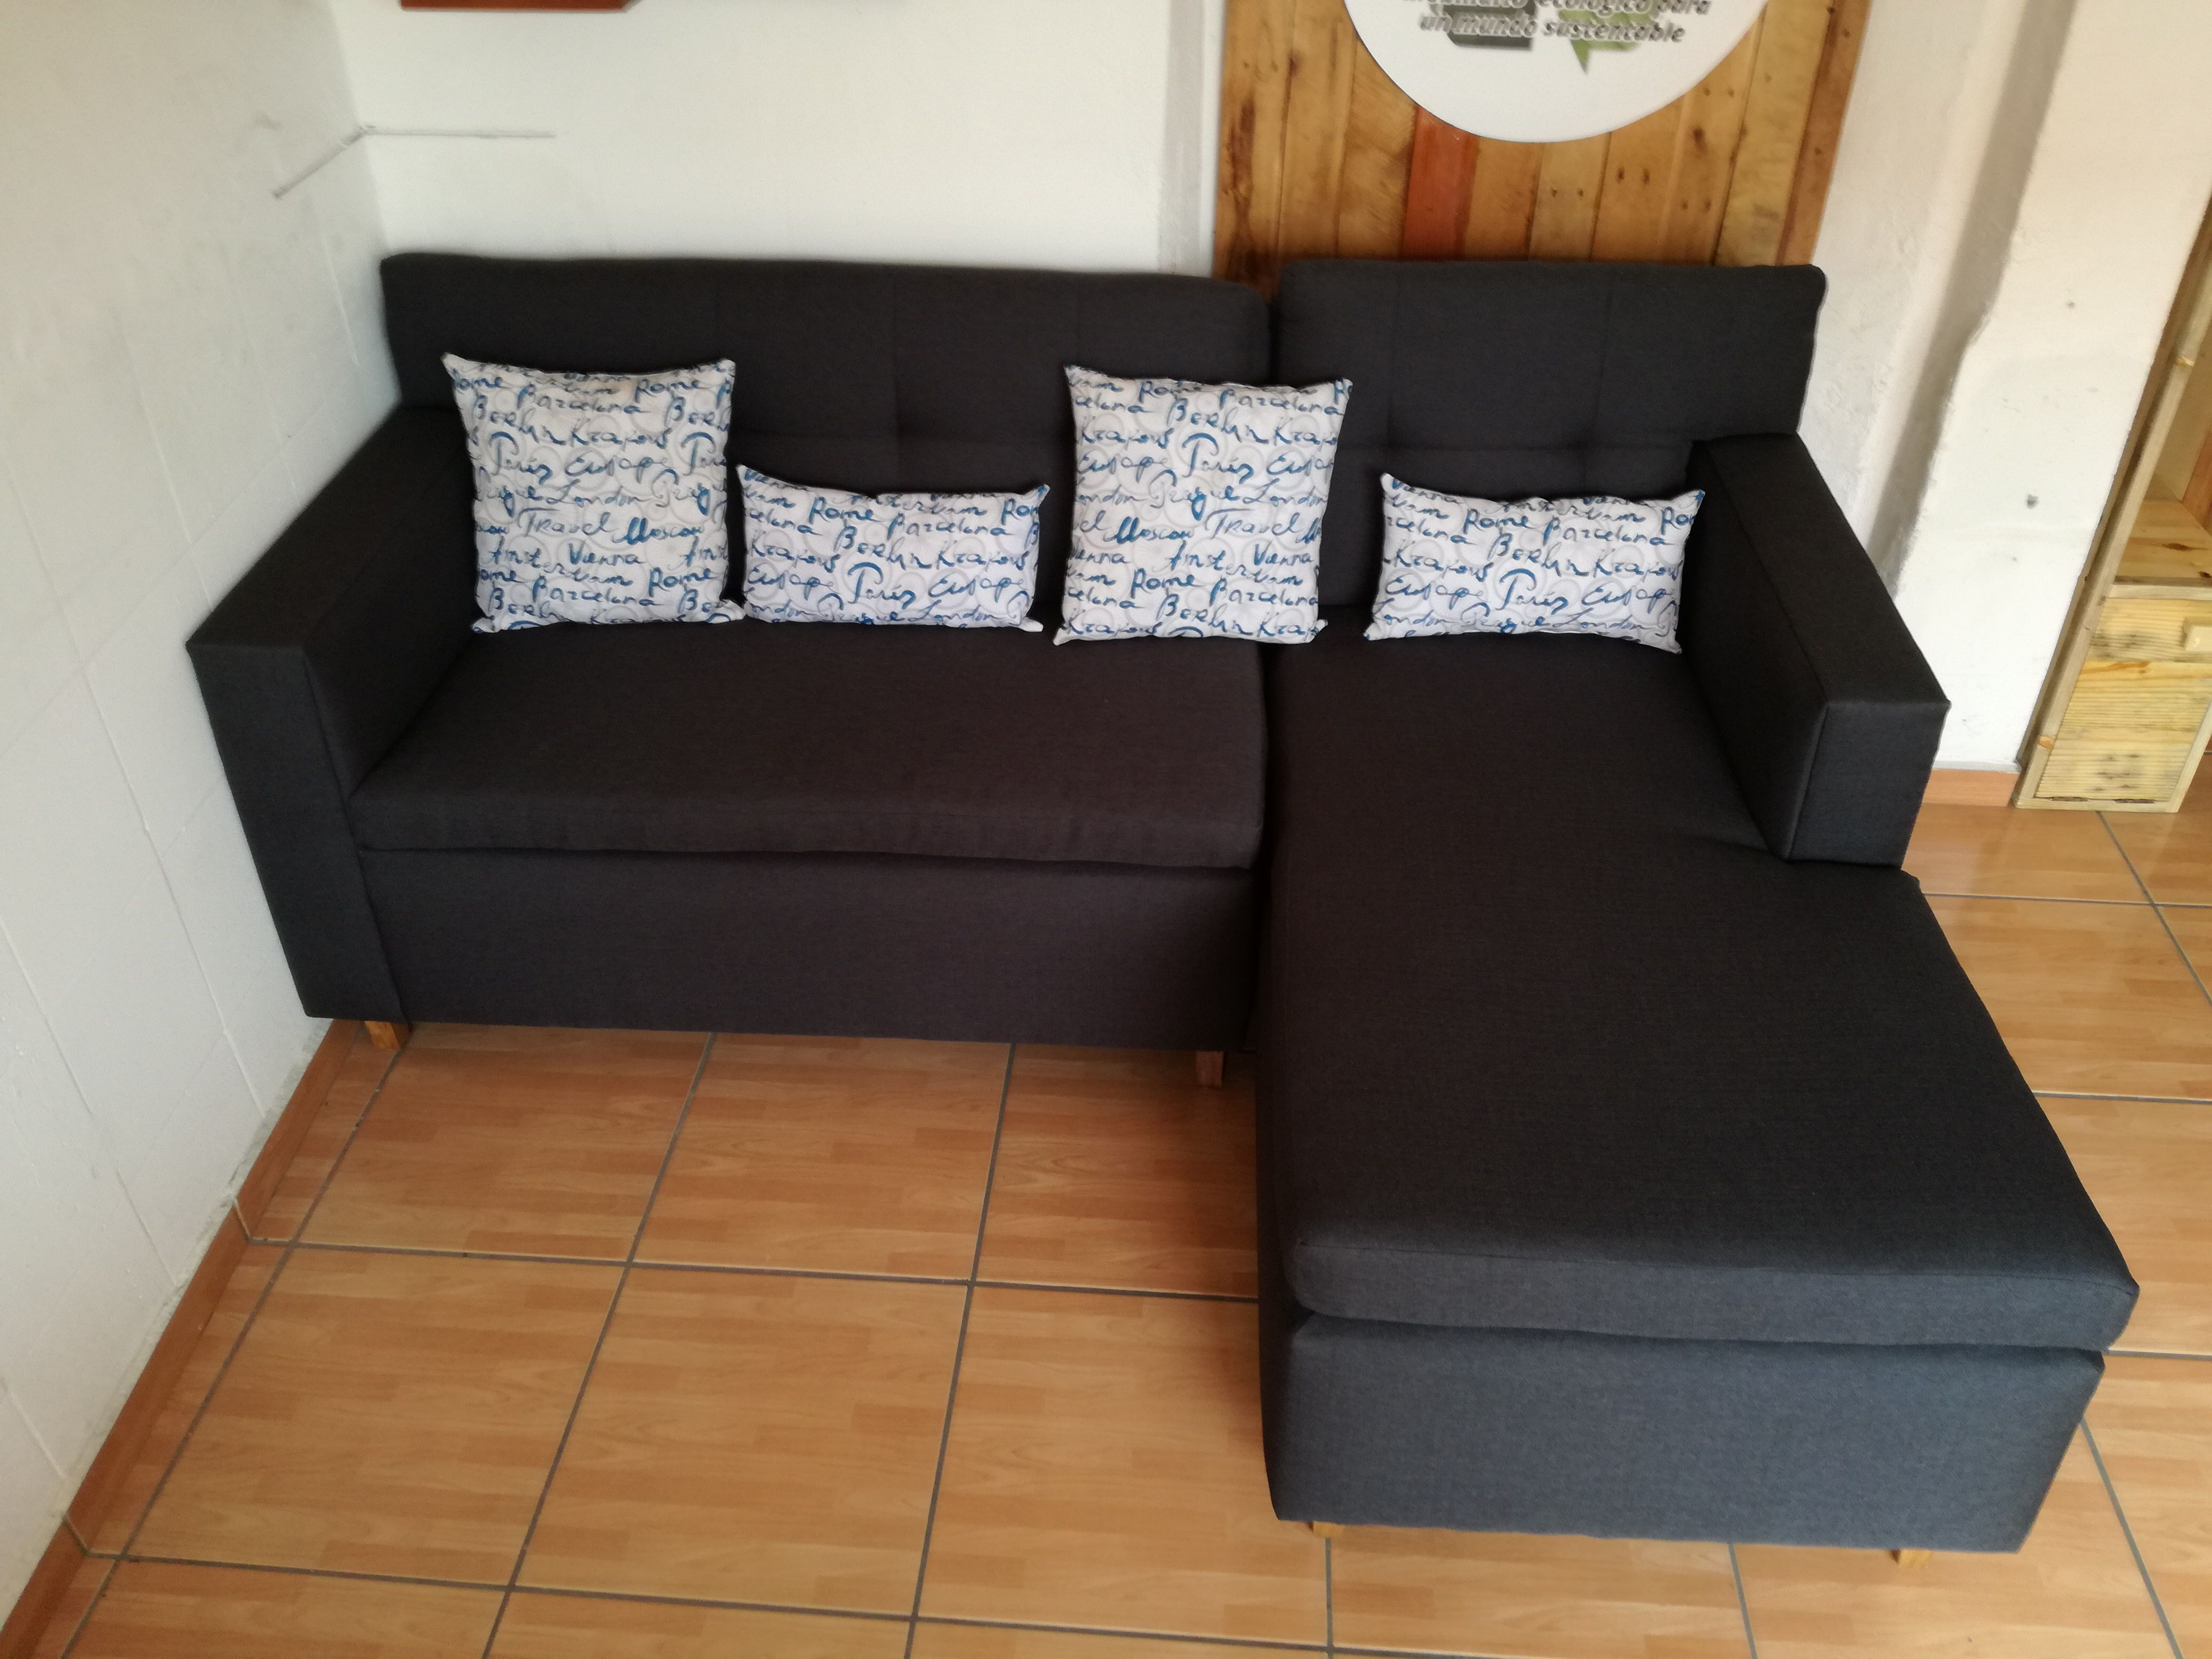 Muebles Zapopan - Pallet Palletfurniture Eco Interiorismo Guadalajara Df [mjhdah]https://s-media-cache-ak0.pinimg.com/originals/44/aa/9d/44aa9d1c1ec147ddc5190ca18453b729.jpg